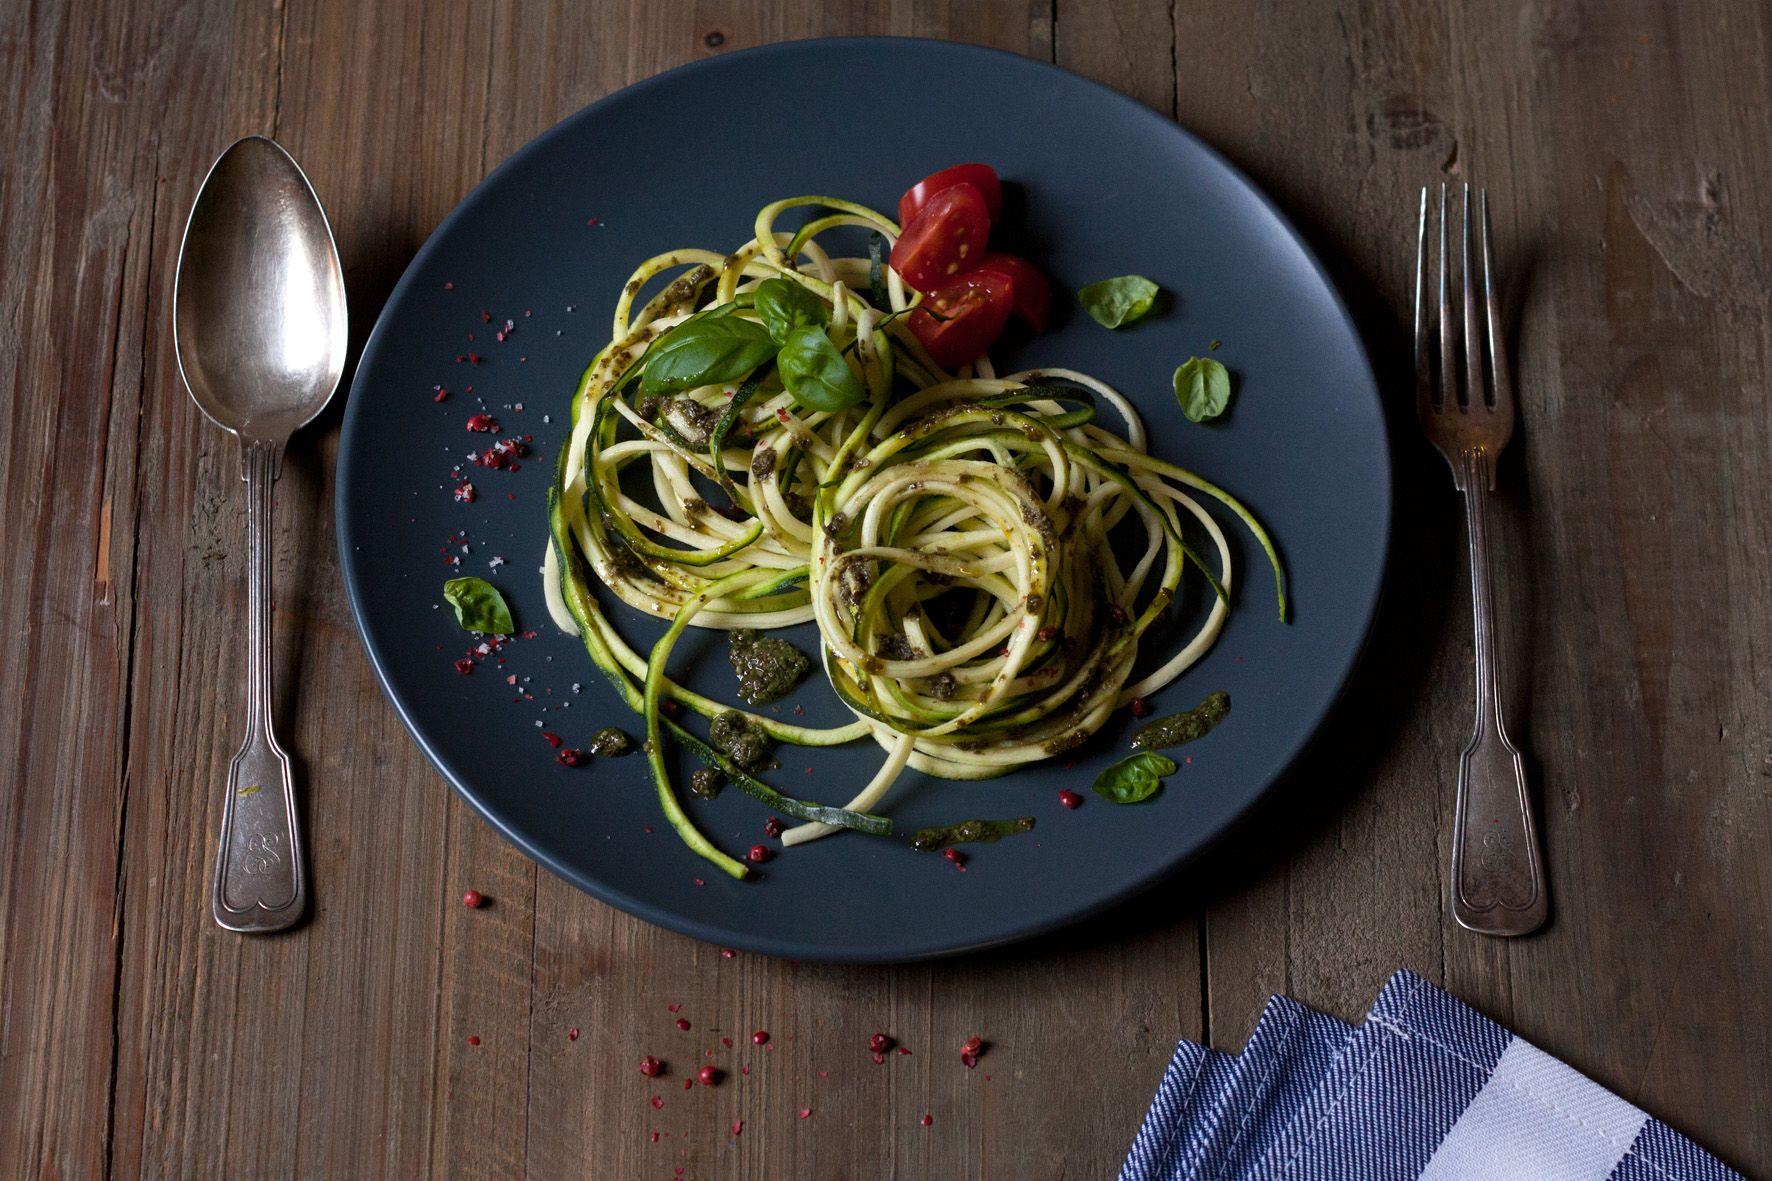 Wenn es ganz schnell gehen muss: Zucchini-Pasta mit Pesto von Denise Renee